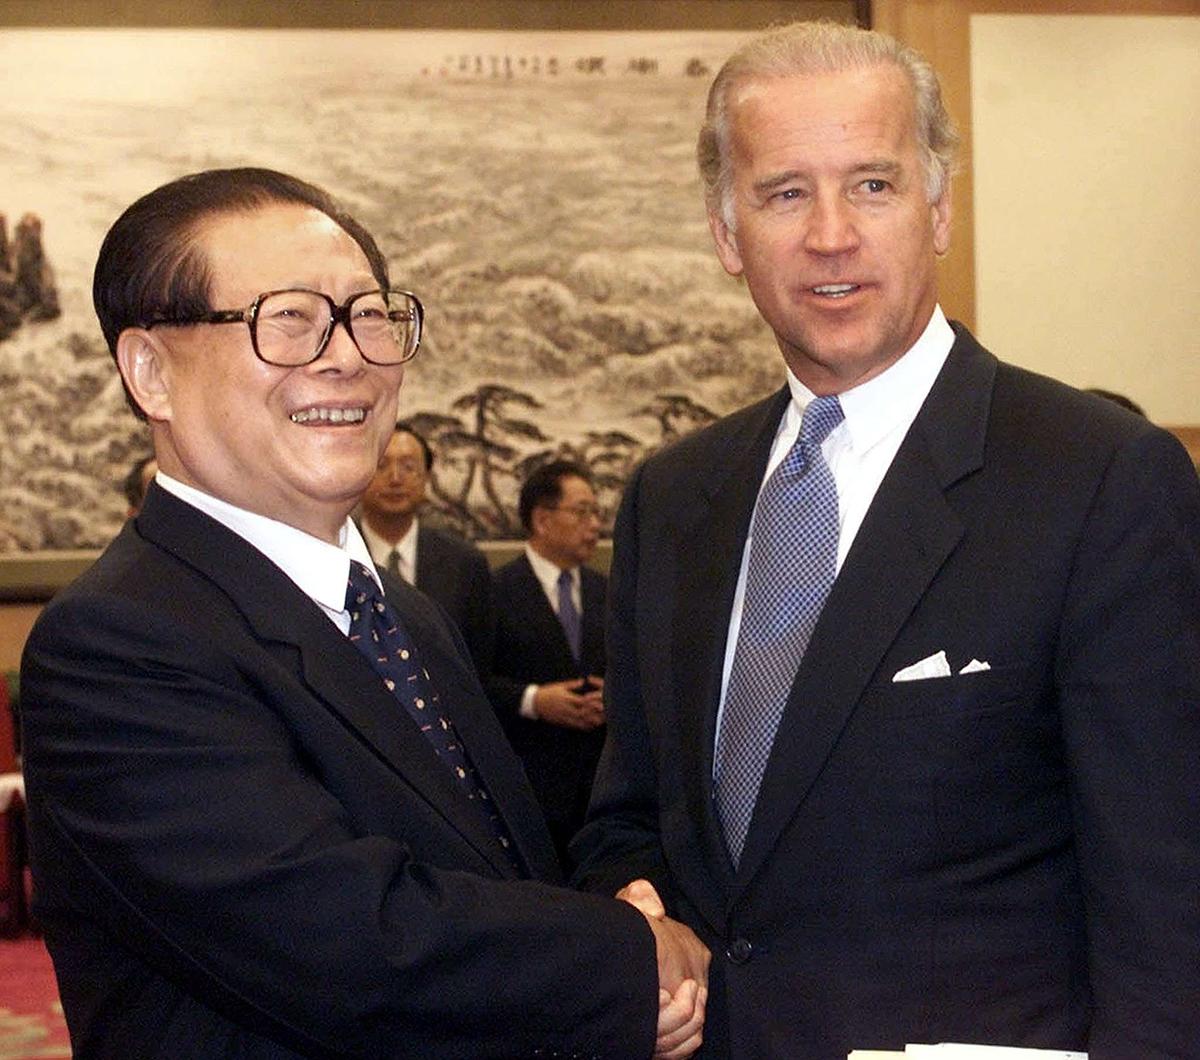 Diệp Giản Minh - Nhân vật bí ẩn đứng đằng sau bê bối của gia đình Biden là ai? (ảnh 2)